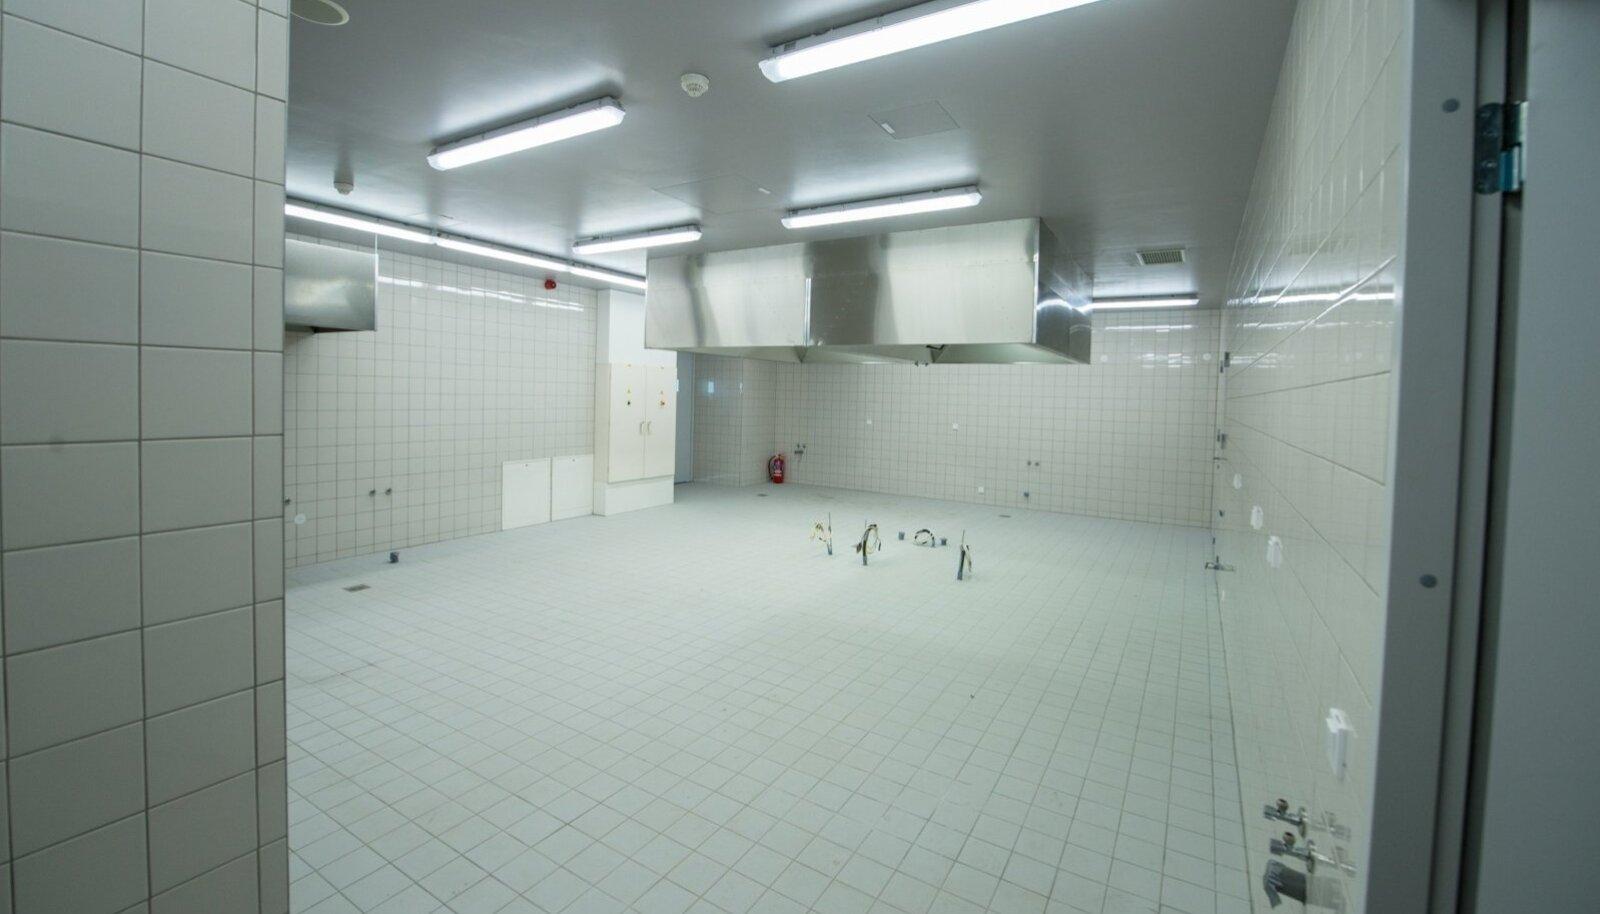 ERM-i köök on endiselt tühi. RKAS ja ERM lähevad hankega uuele ringile.